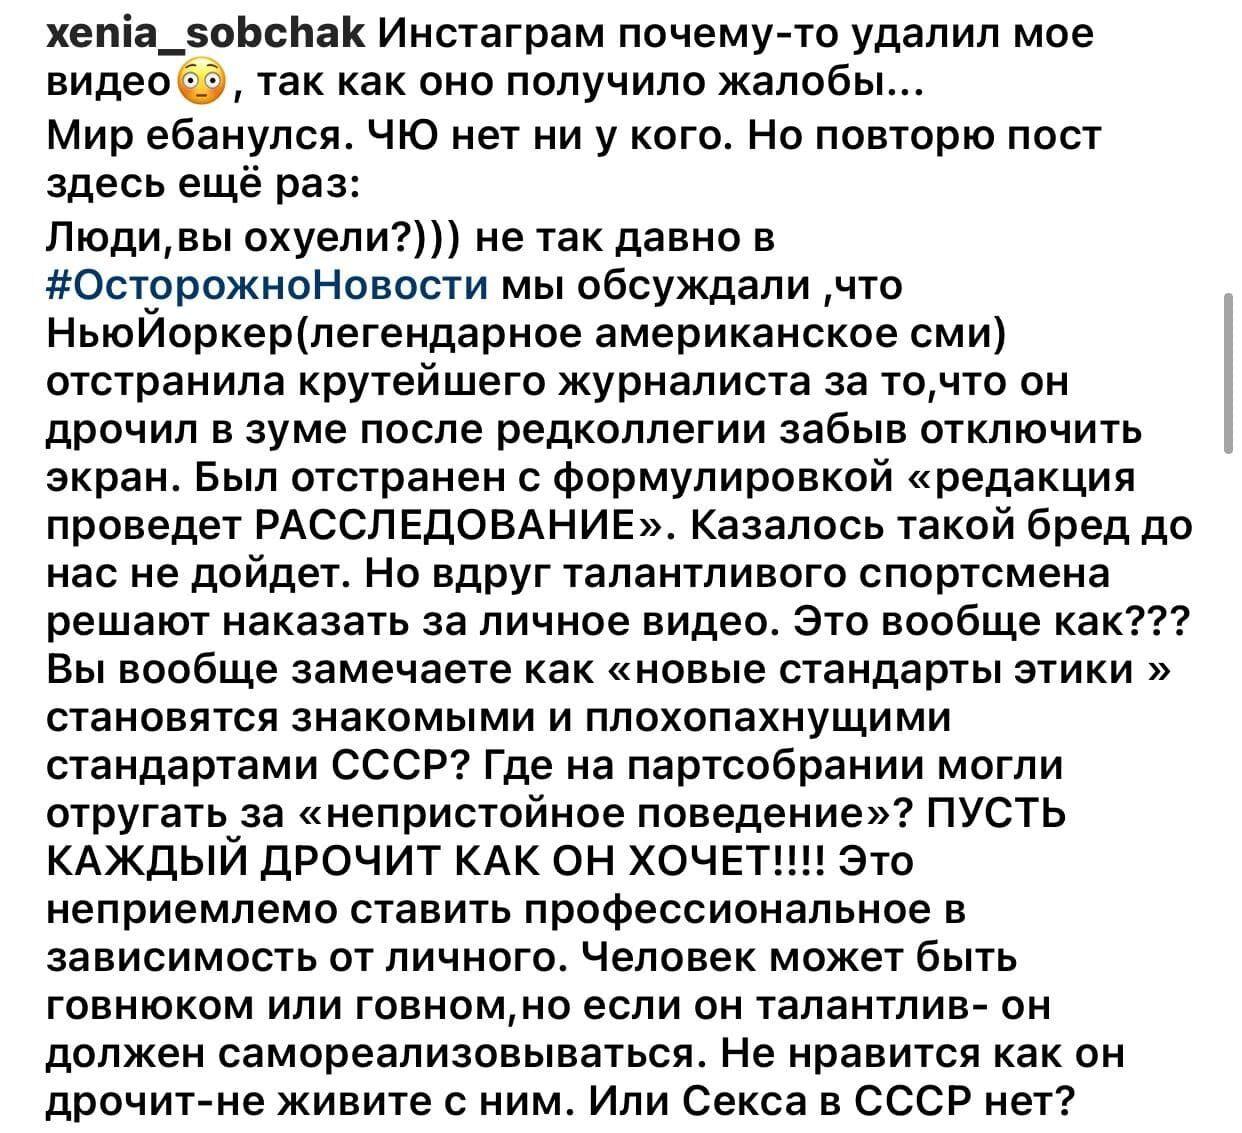 Ксенія Собчак